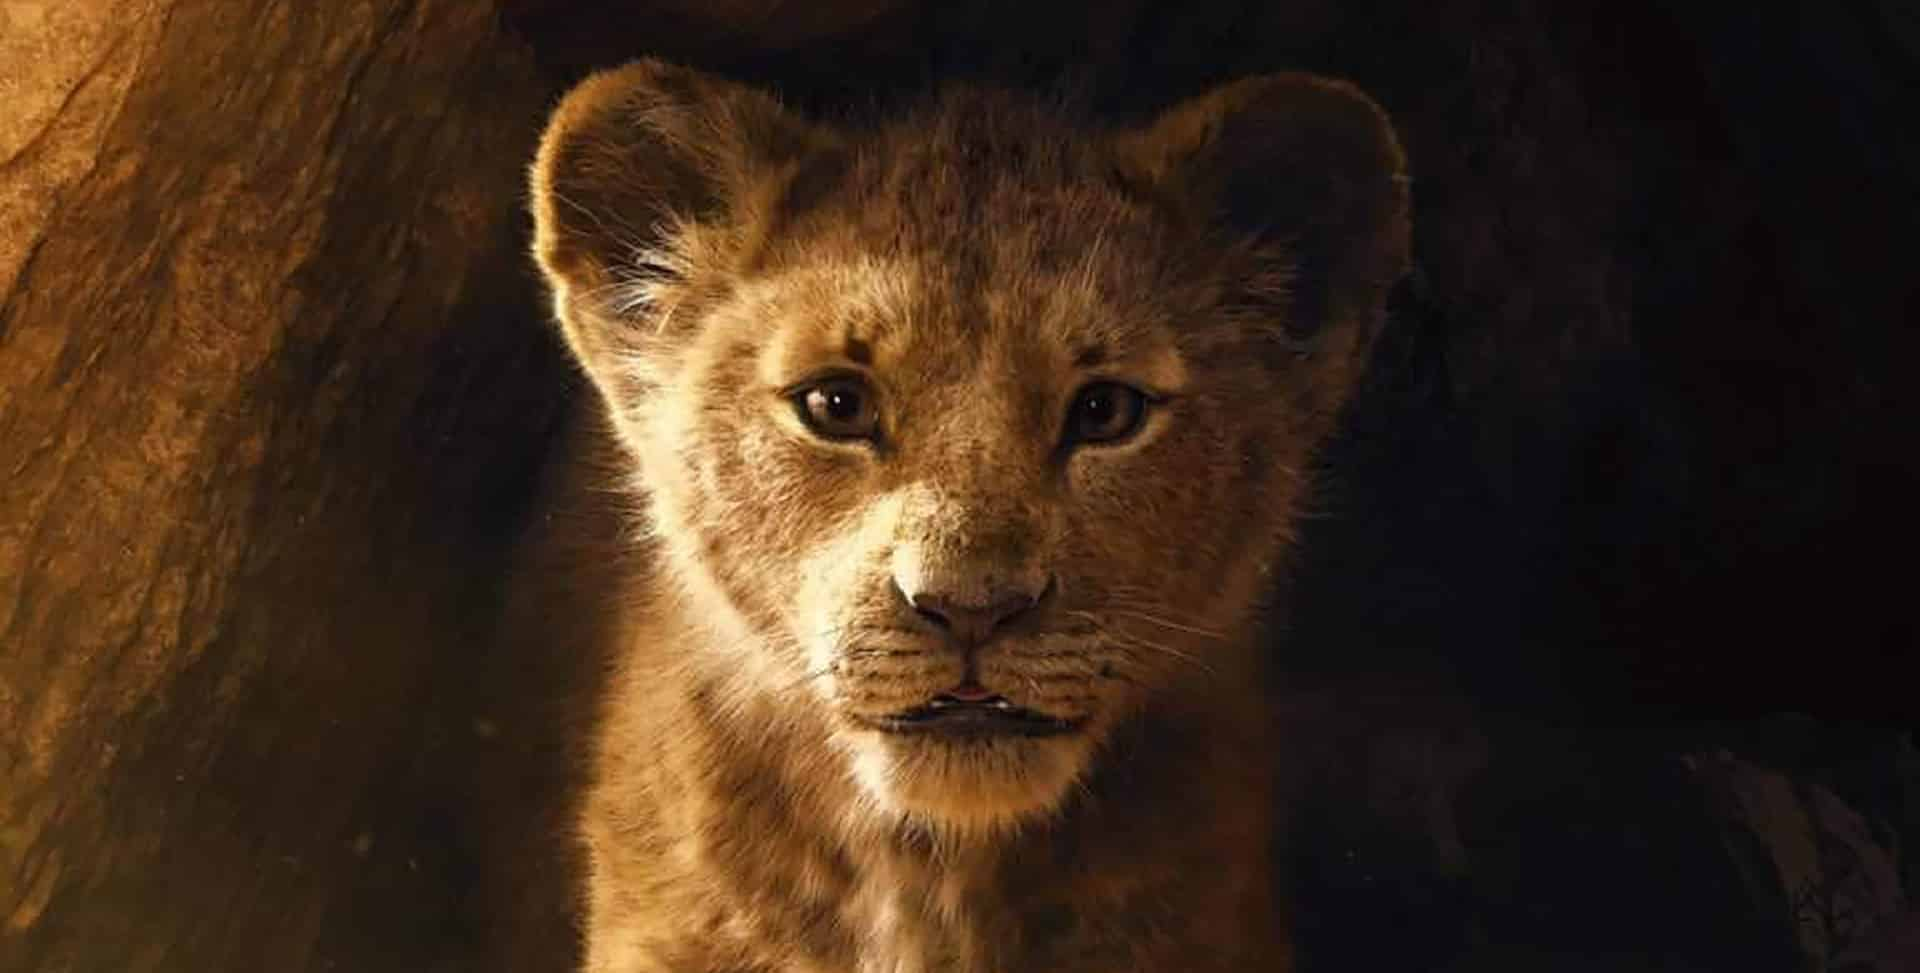 Il re leone: nella colonna sonora una canzone originale di Elton John